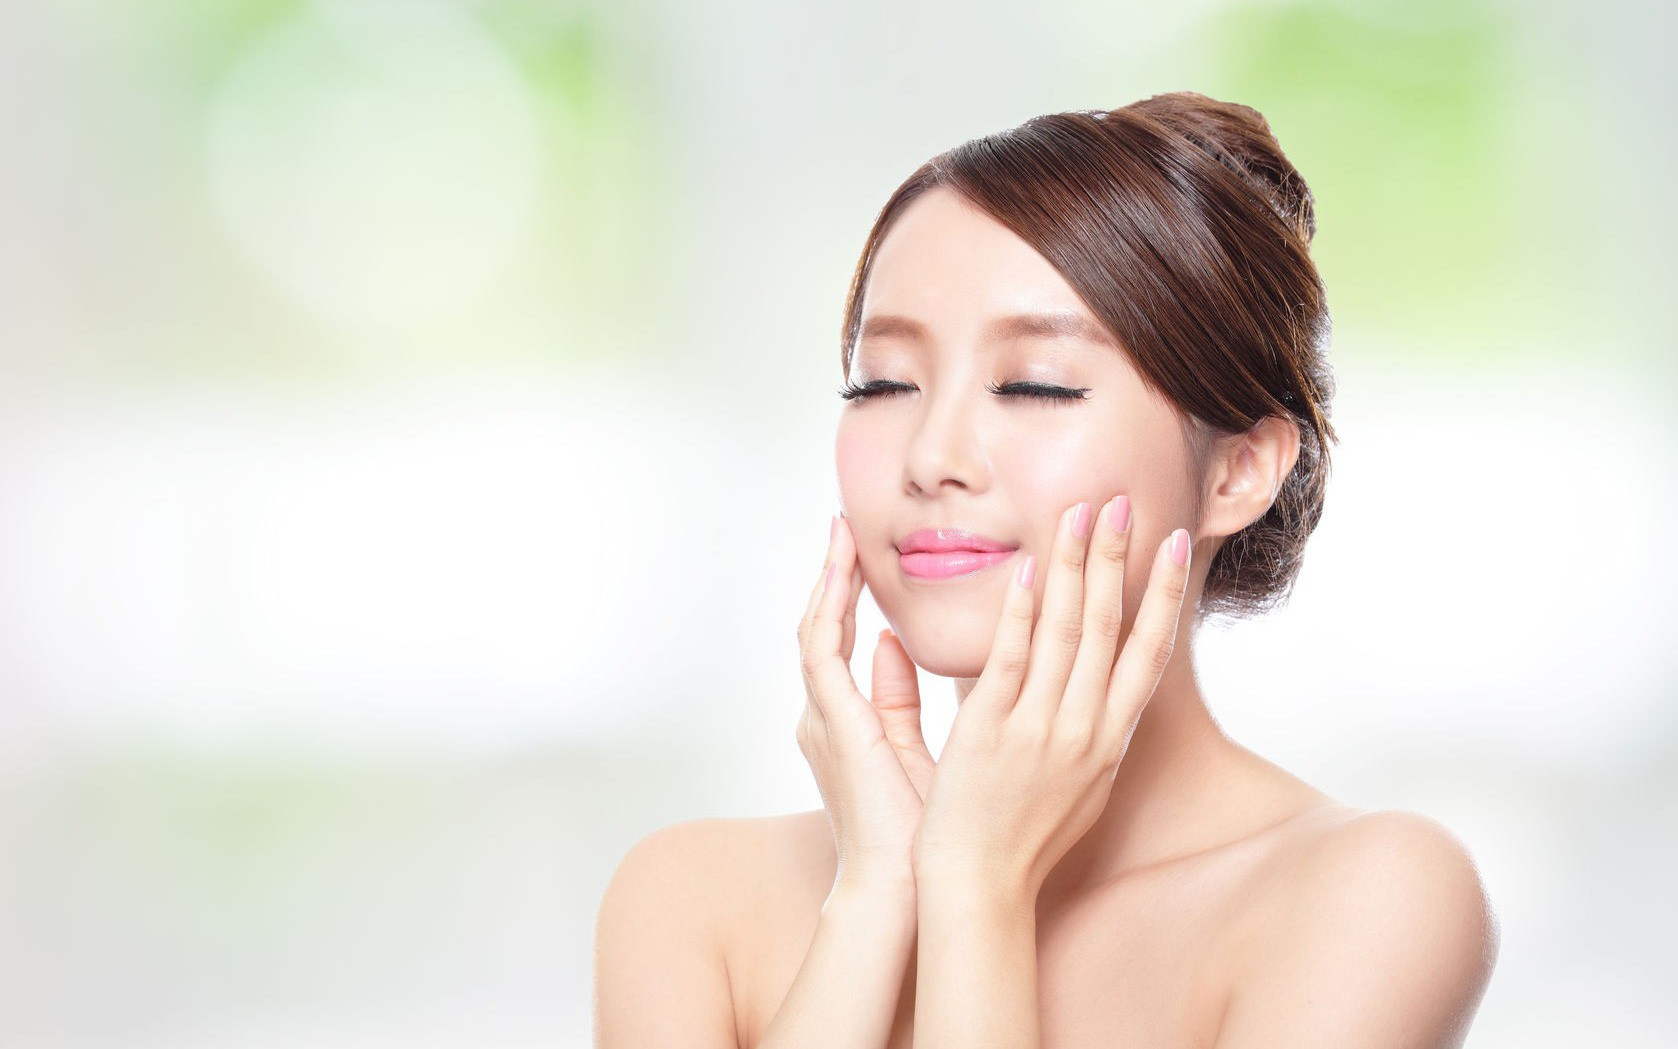 Mùa thu, cập nhật ngay 6 sản phẩm chăm sóc da tốt nhất | Tin tức Online